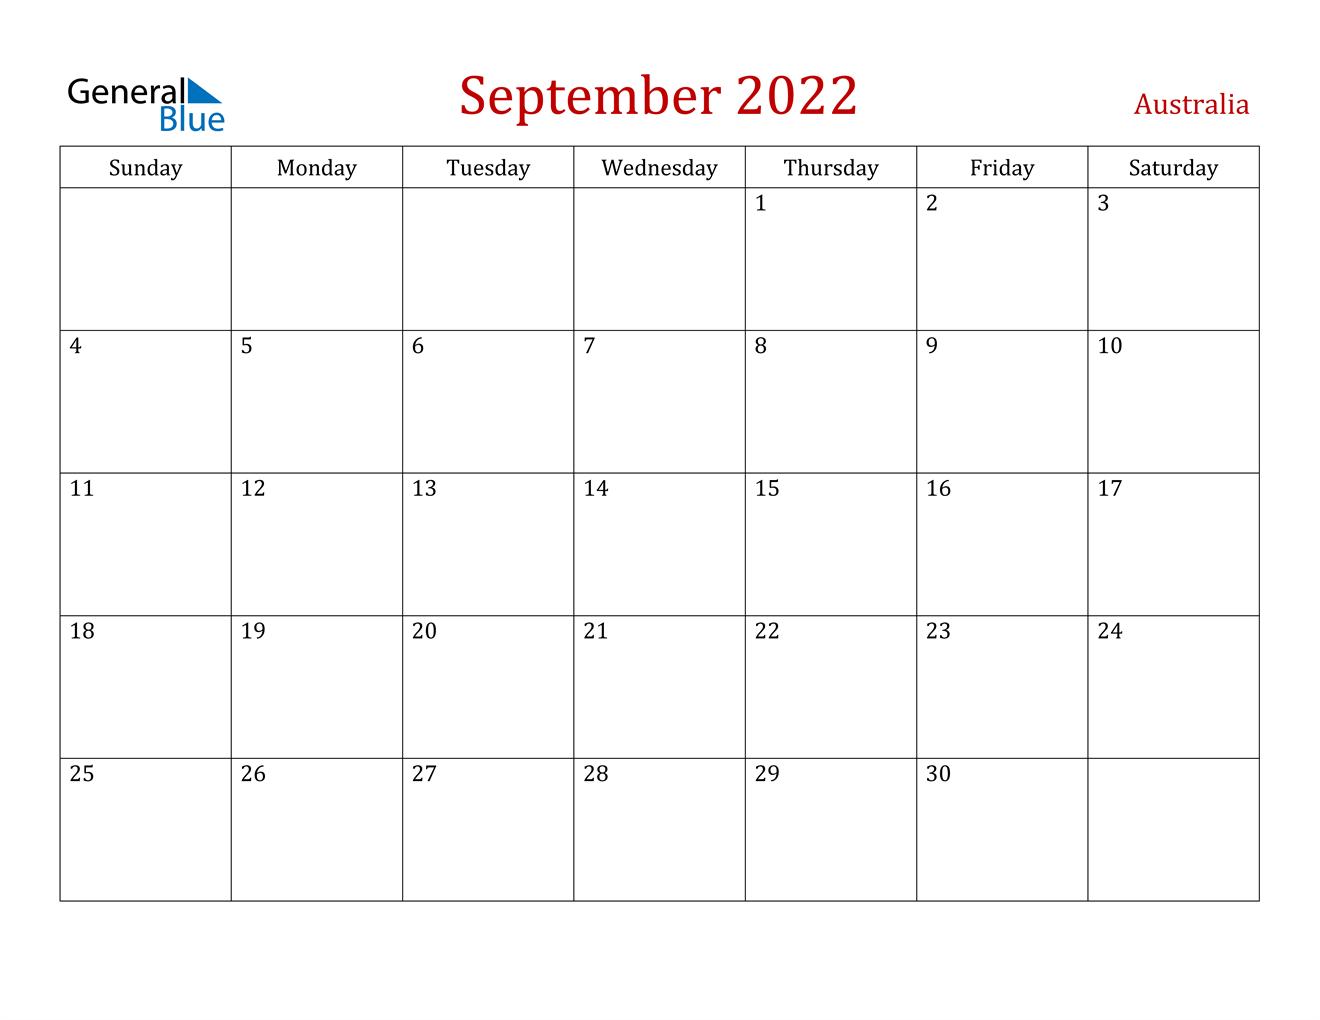 September 2022 Calendar - Australia